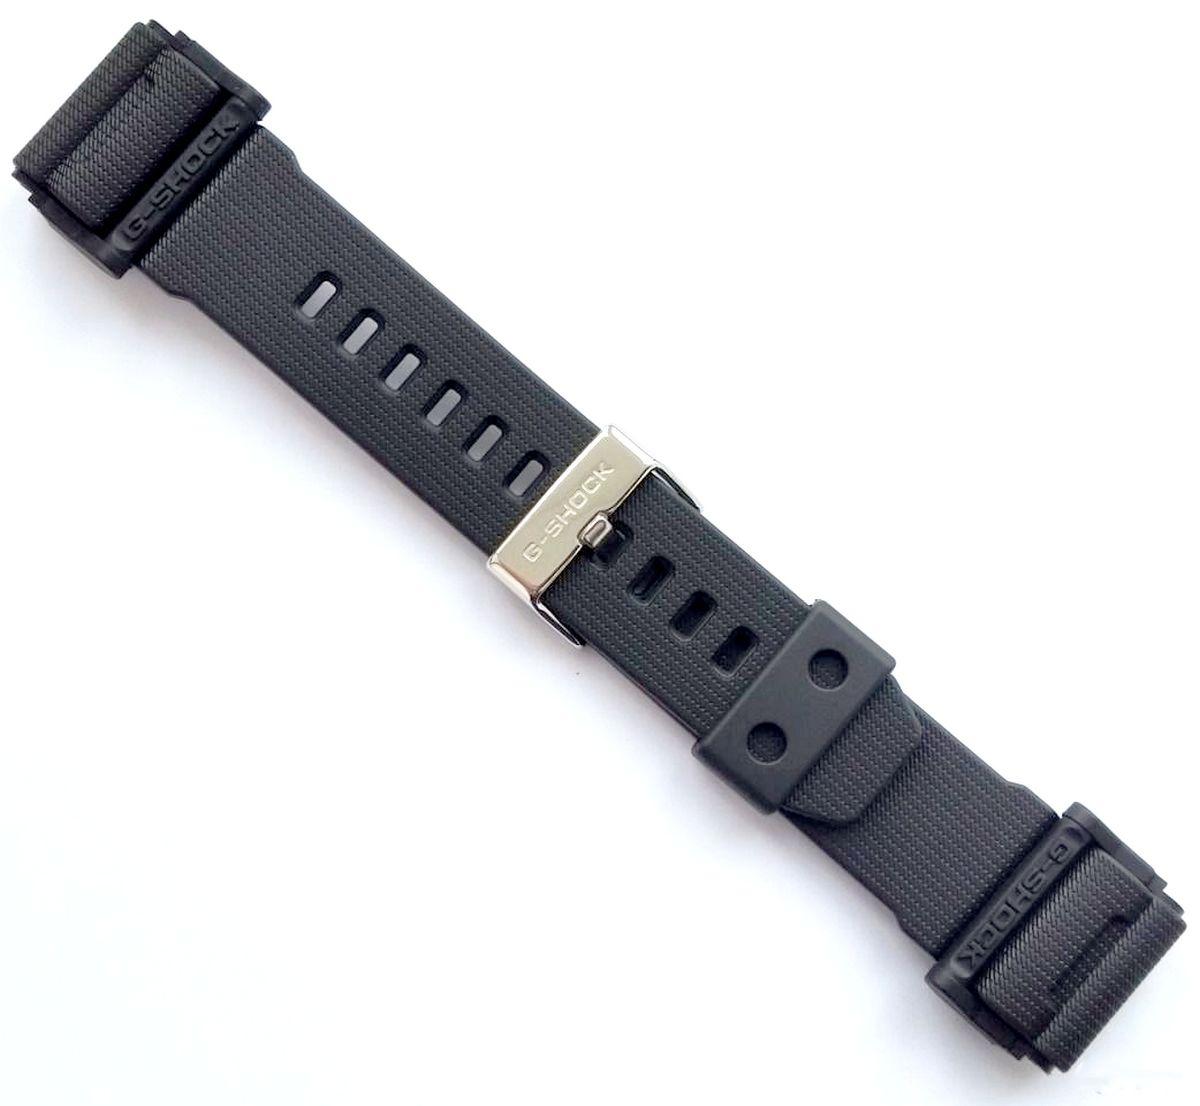 Pulseira Casio G-Shock Original GD-400-1 Resina Preto Fosco *   - E-Presentes